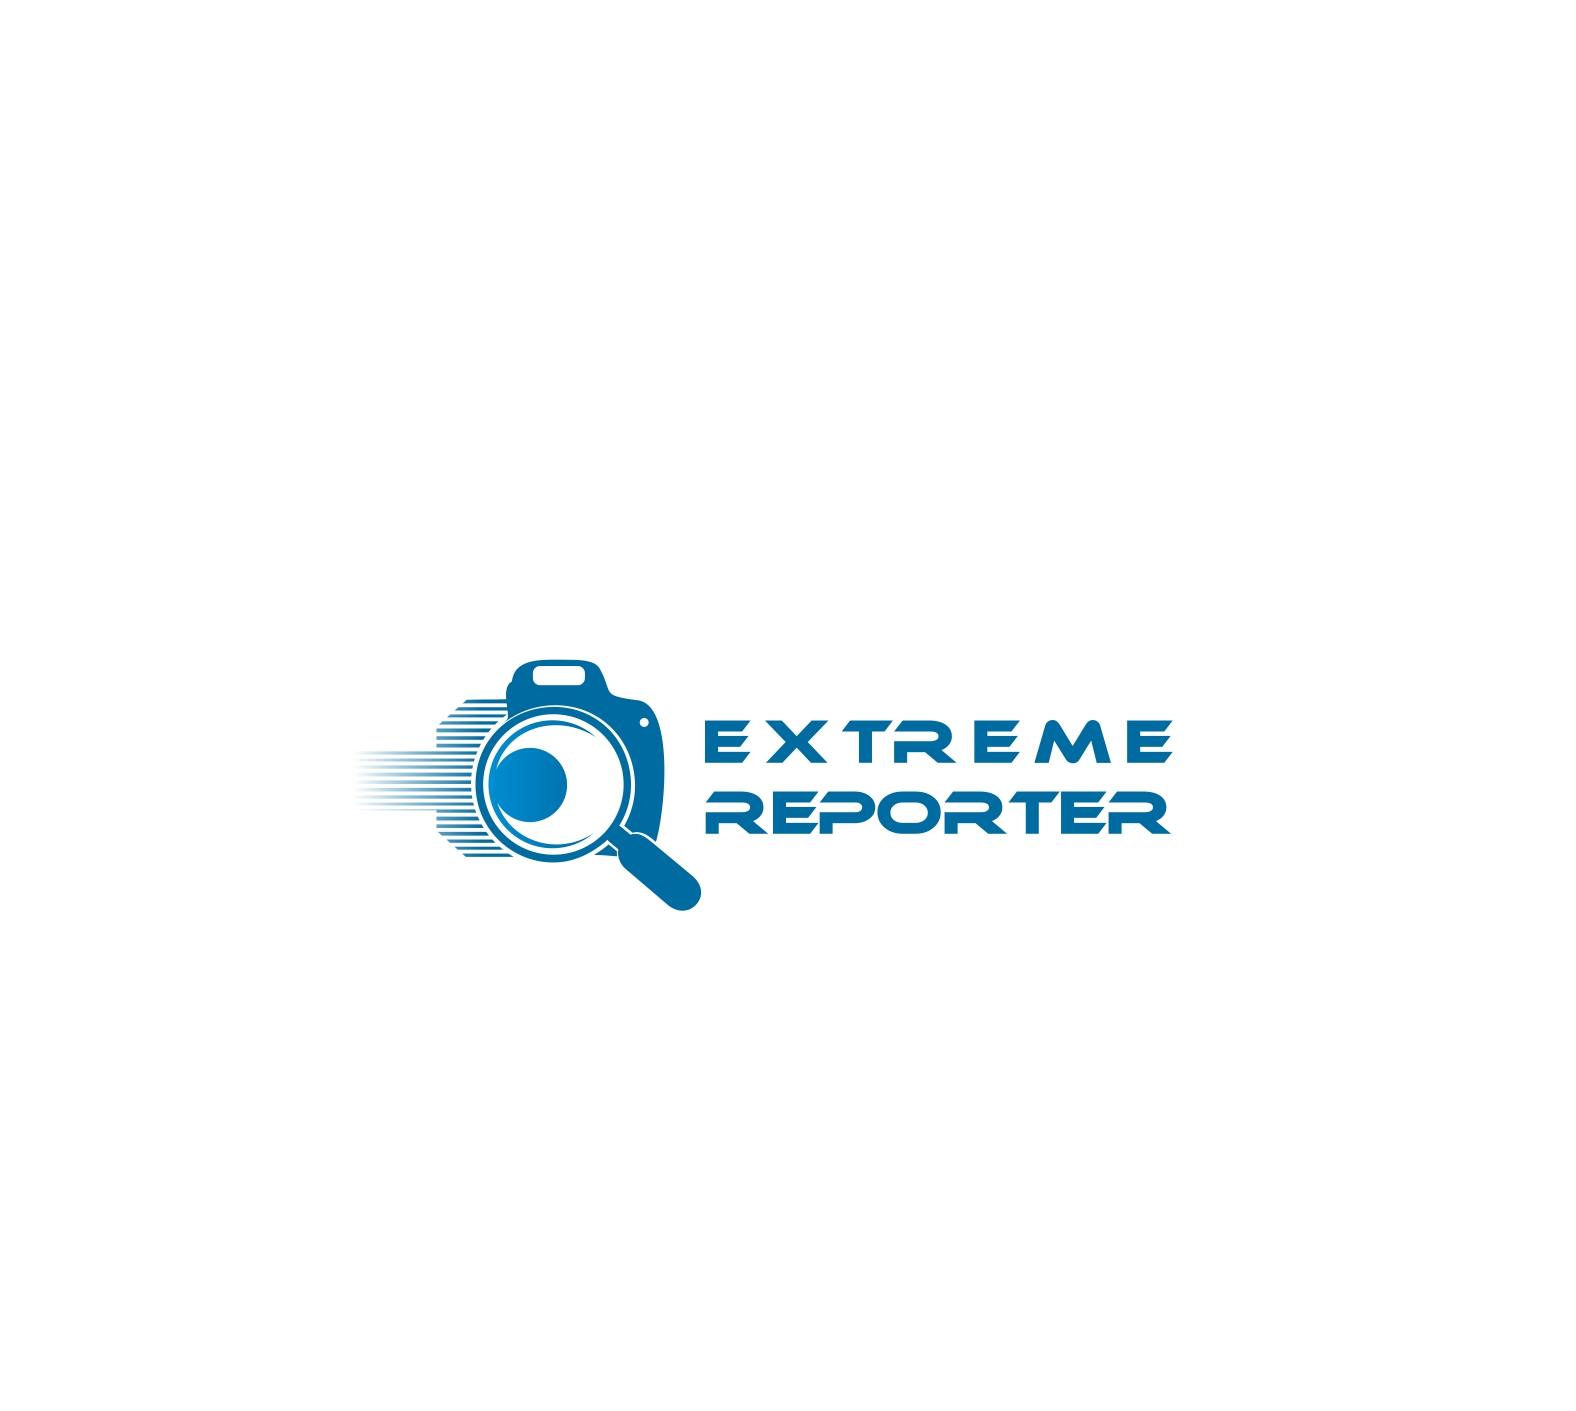 Логотип для экстрим фотографа.  фото f_1705a51ca9bde036.jpg